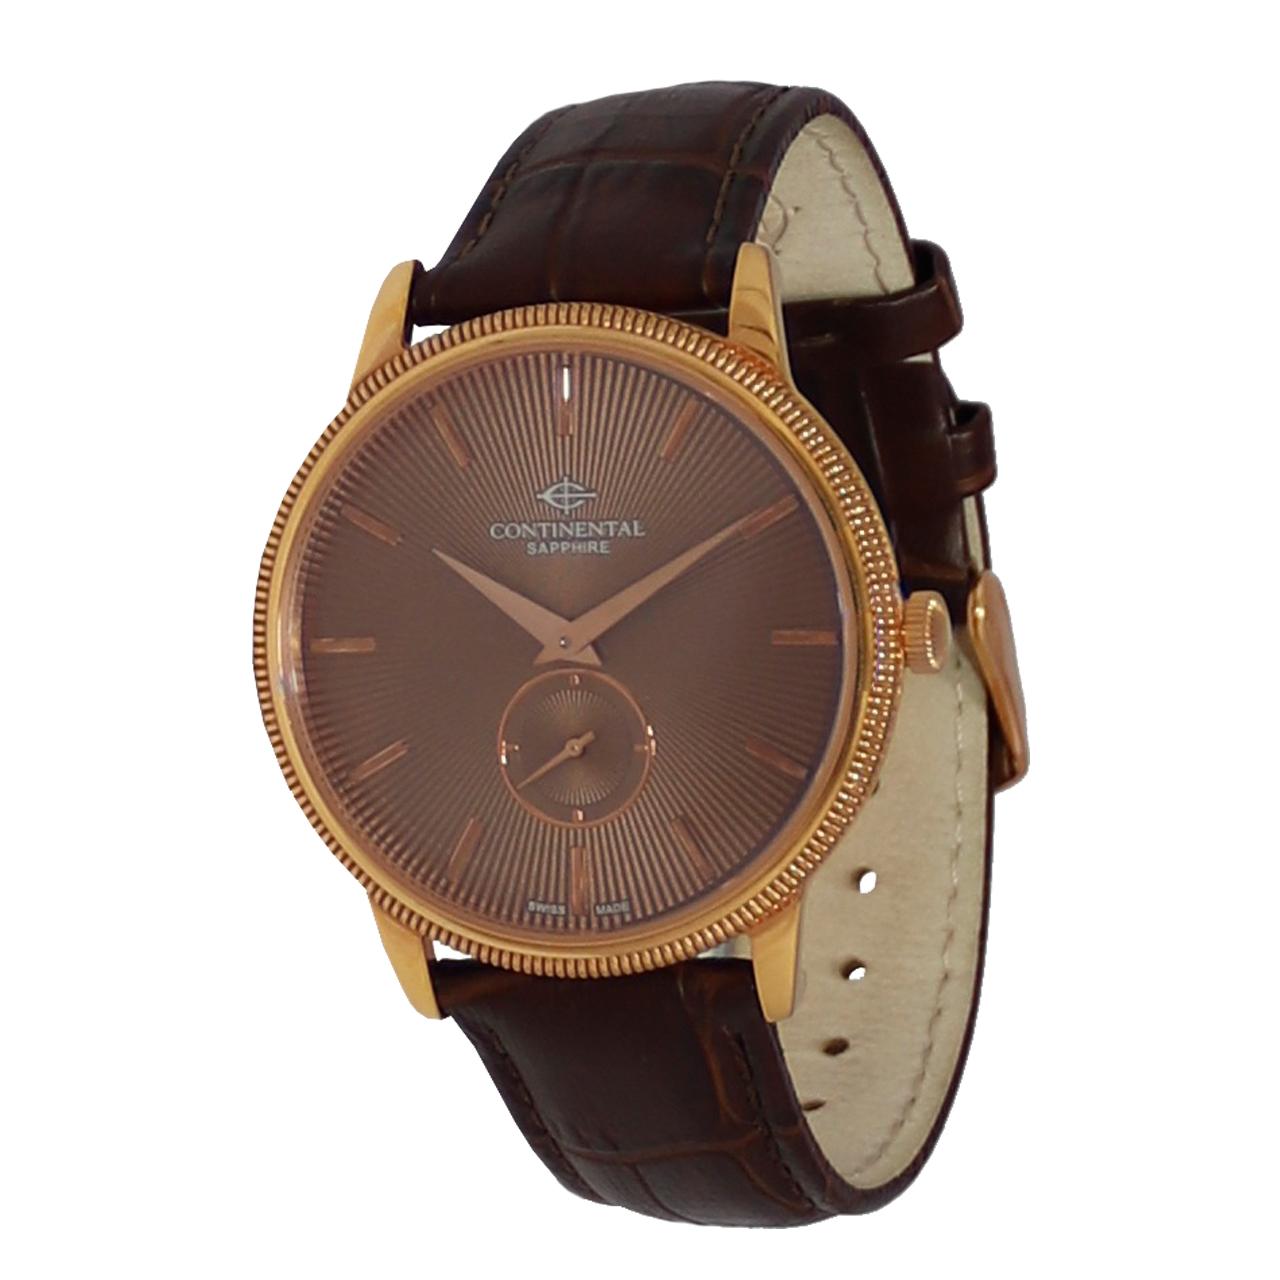 ساعت مچی عقربه ای مردانه کنتیننتال مدل 15201-R156 30